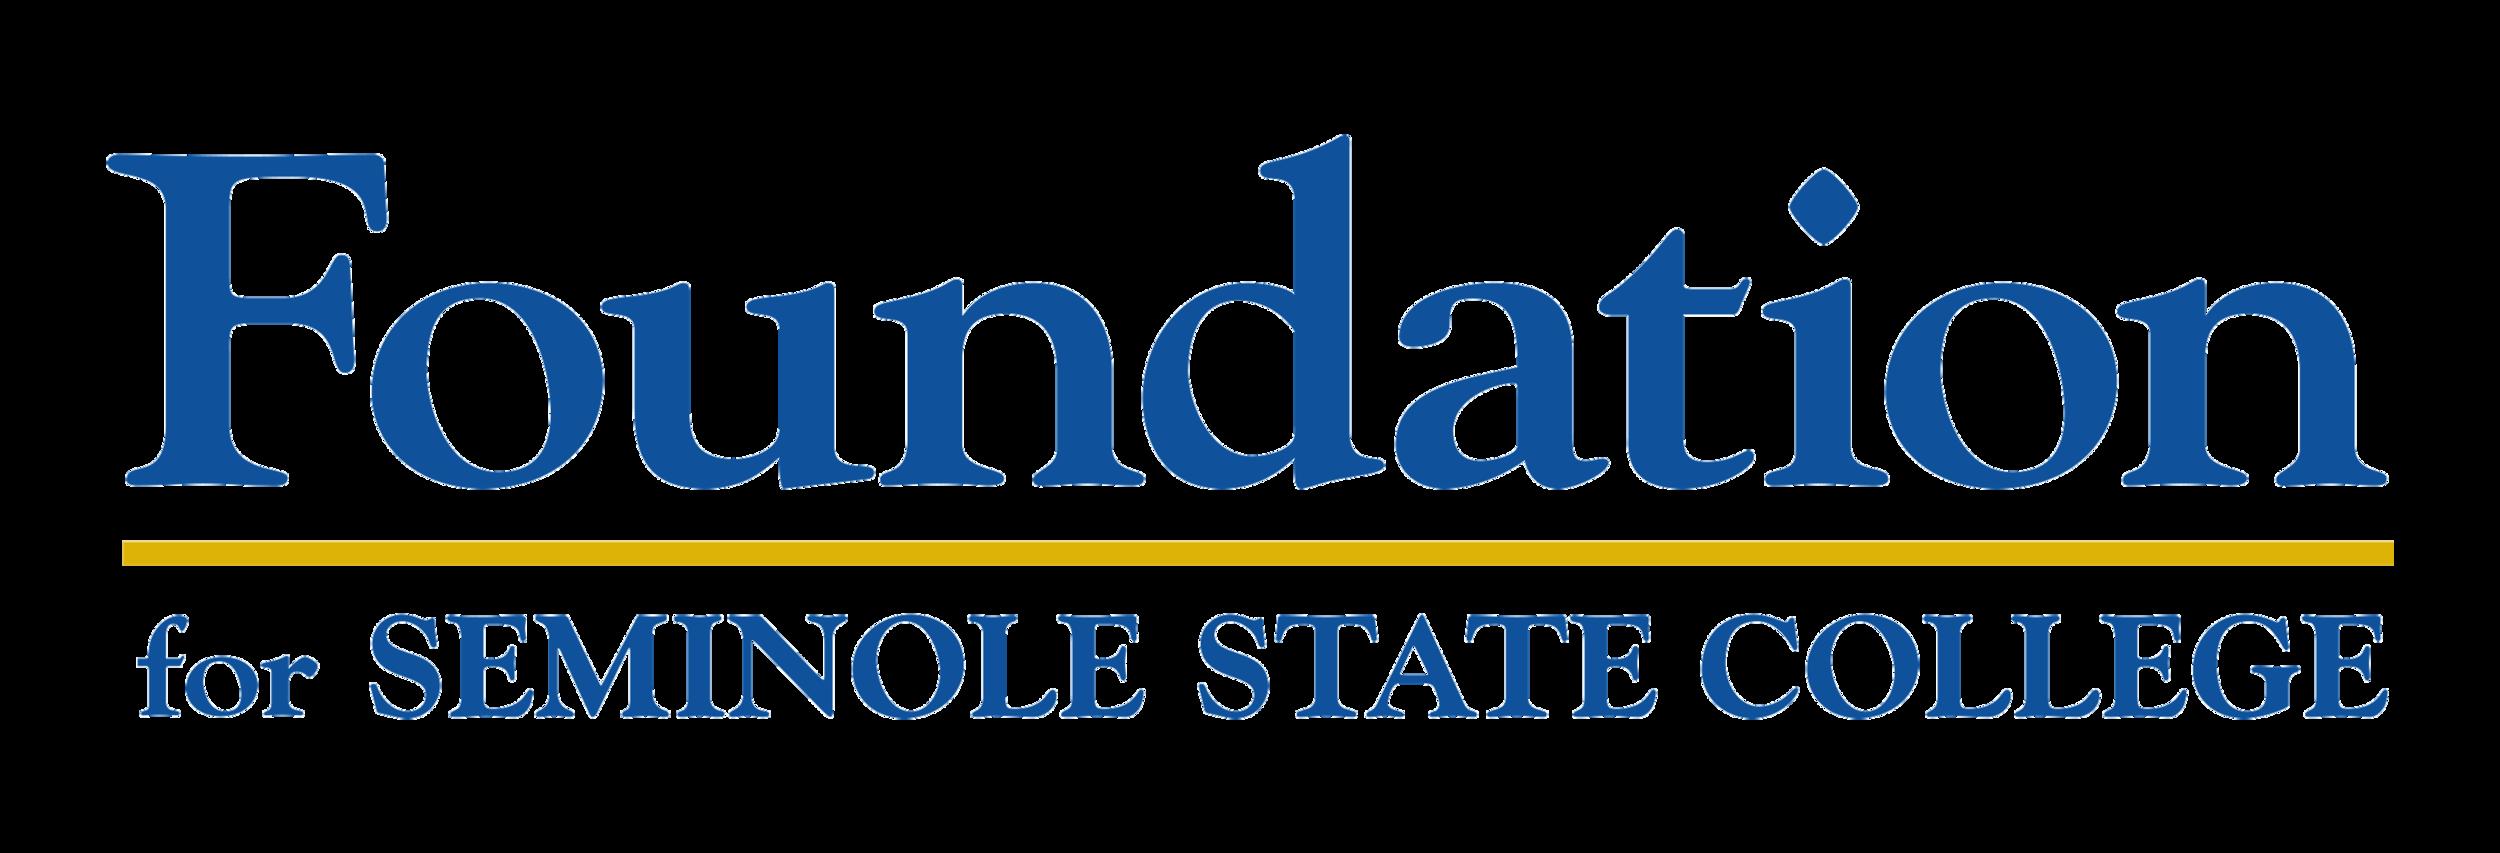 logo-foundation_300ppi.png